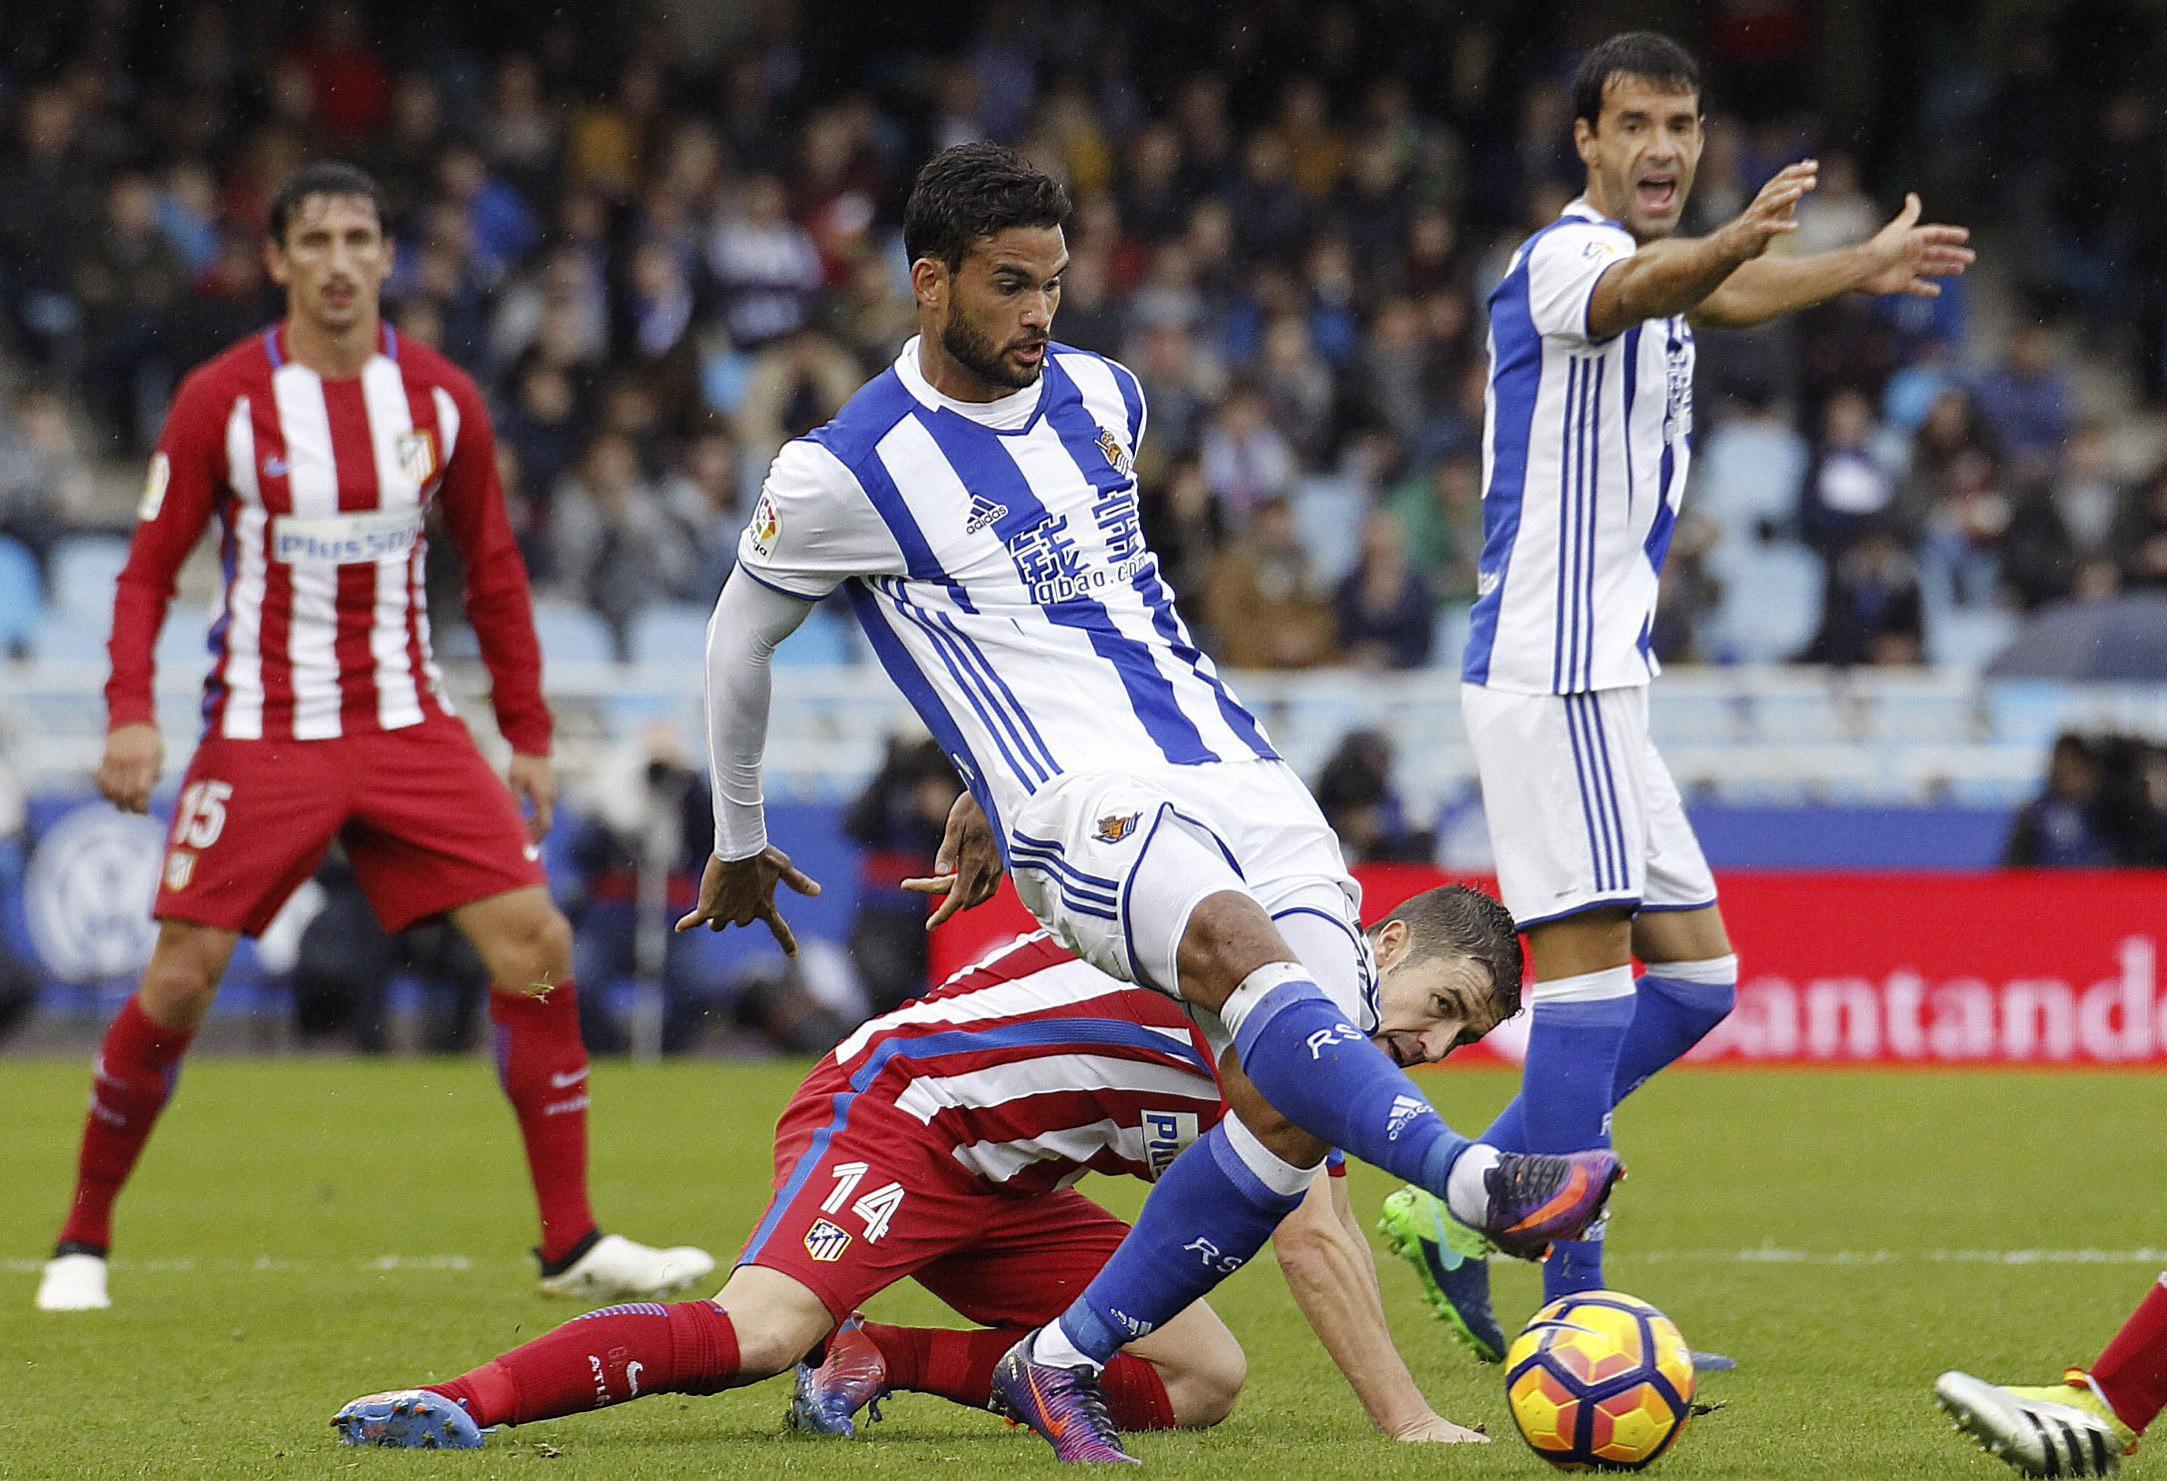 Un lance del partido entre la Real Sociedad y al Atlético de Madrid (EFE).